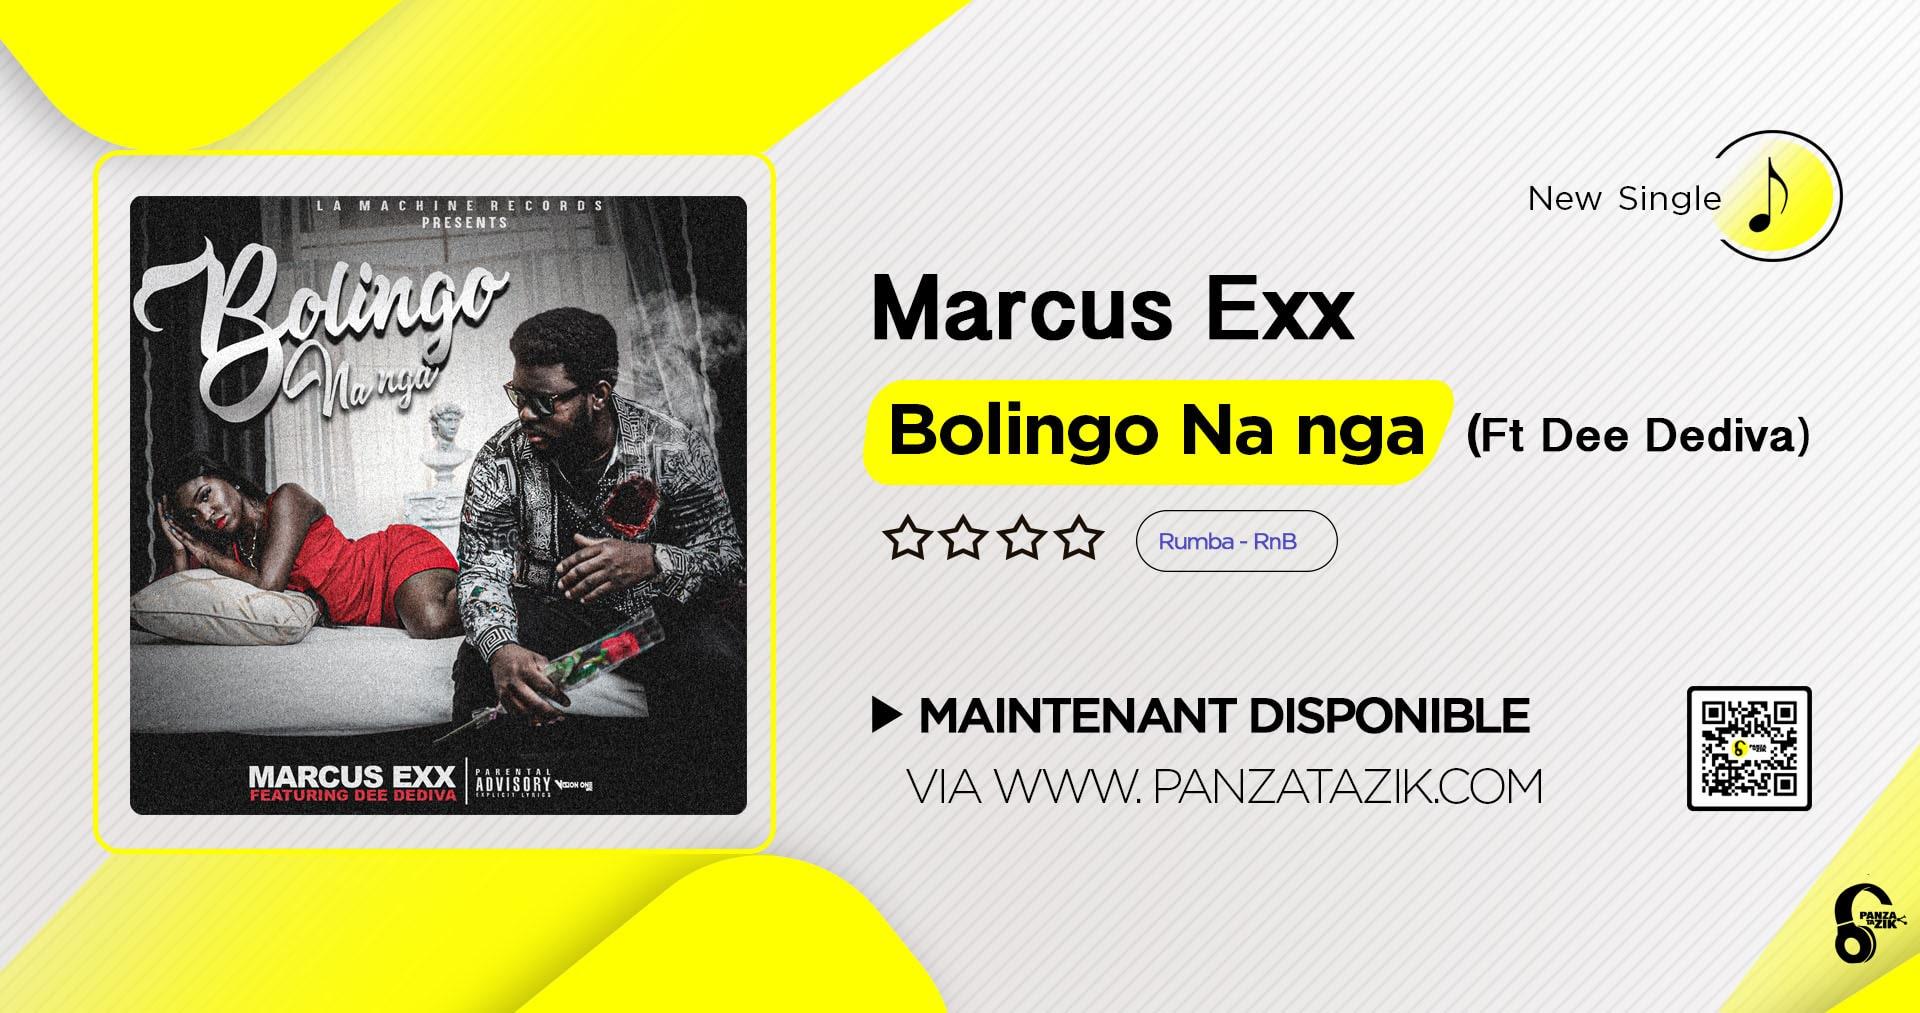 Marcus Exx – Bolingo Na Nga (Ft. Dee Dediva)